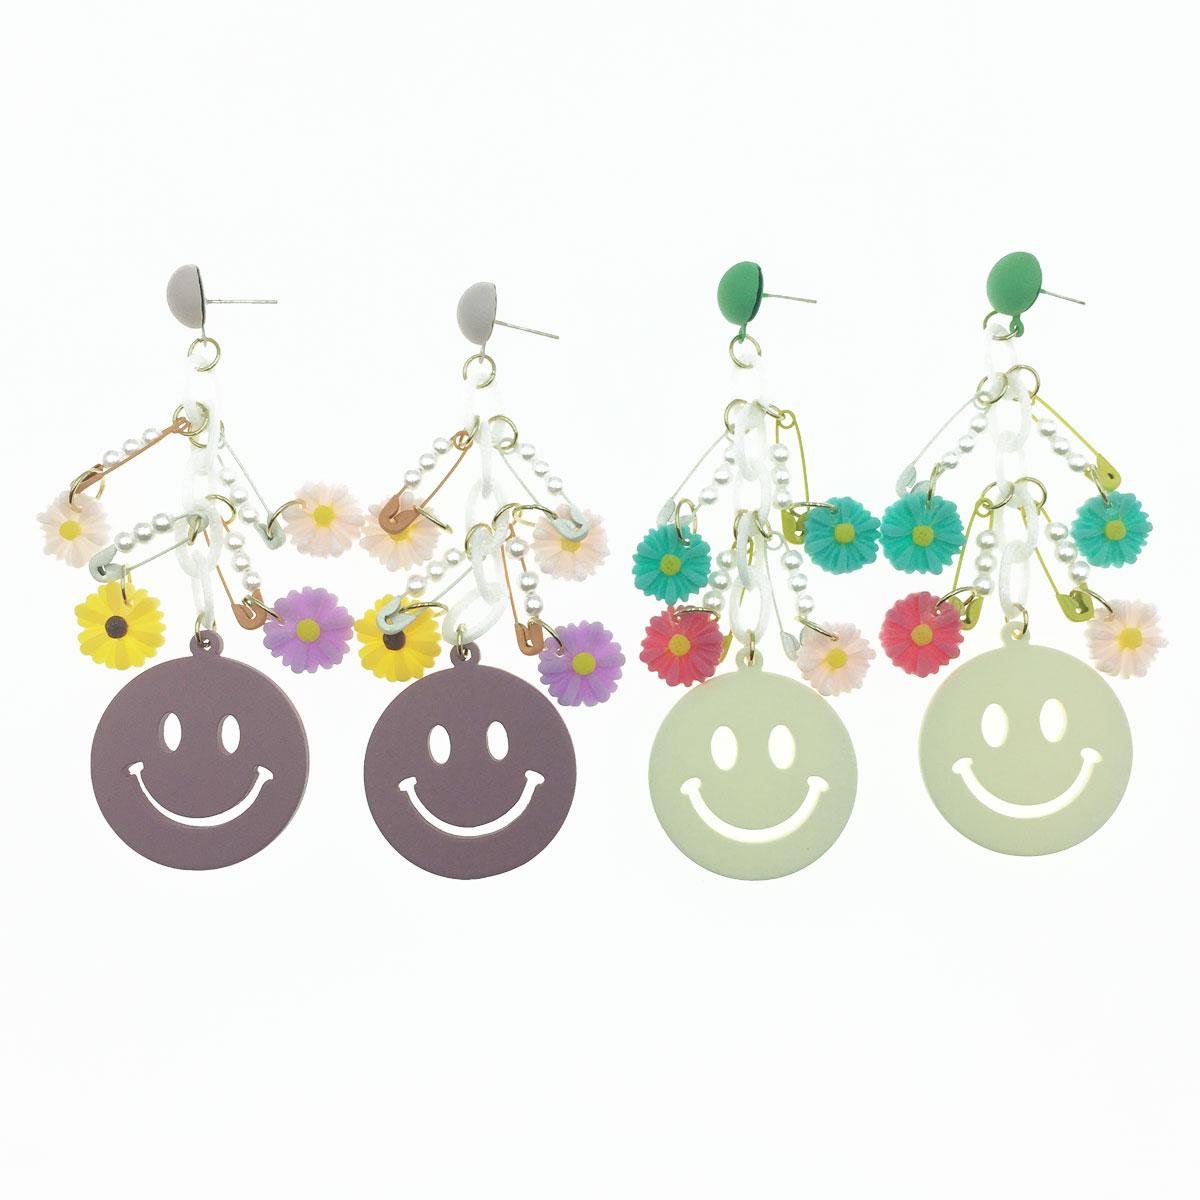 韓國 925純銀 微笑 別針 花朵 珍珠 鍊子 可愛 垂墜感 耳針式耳環